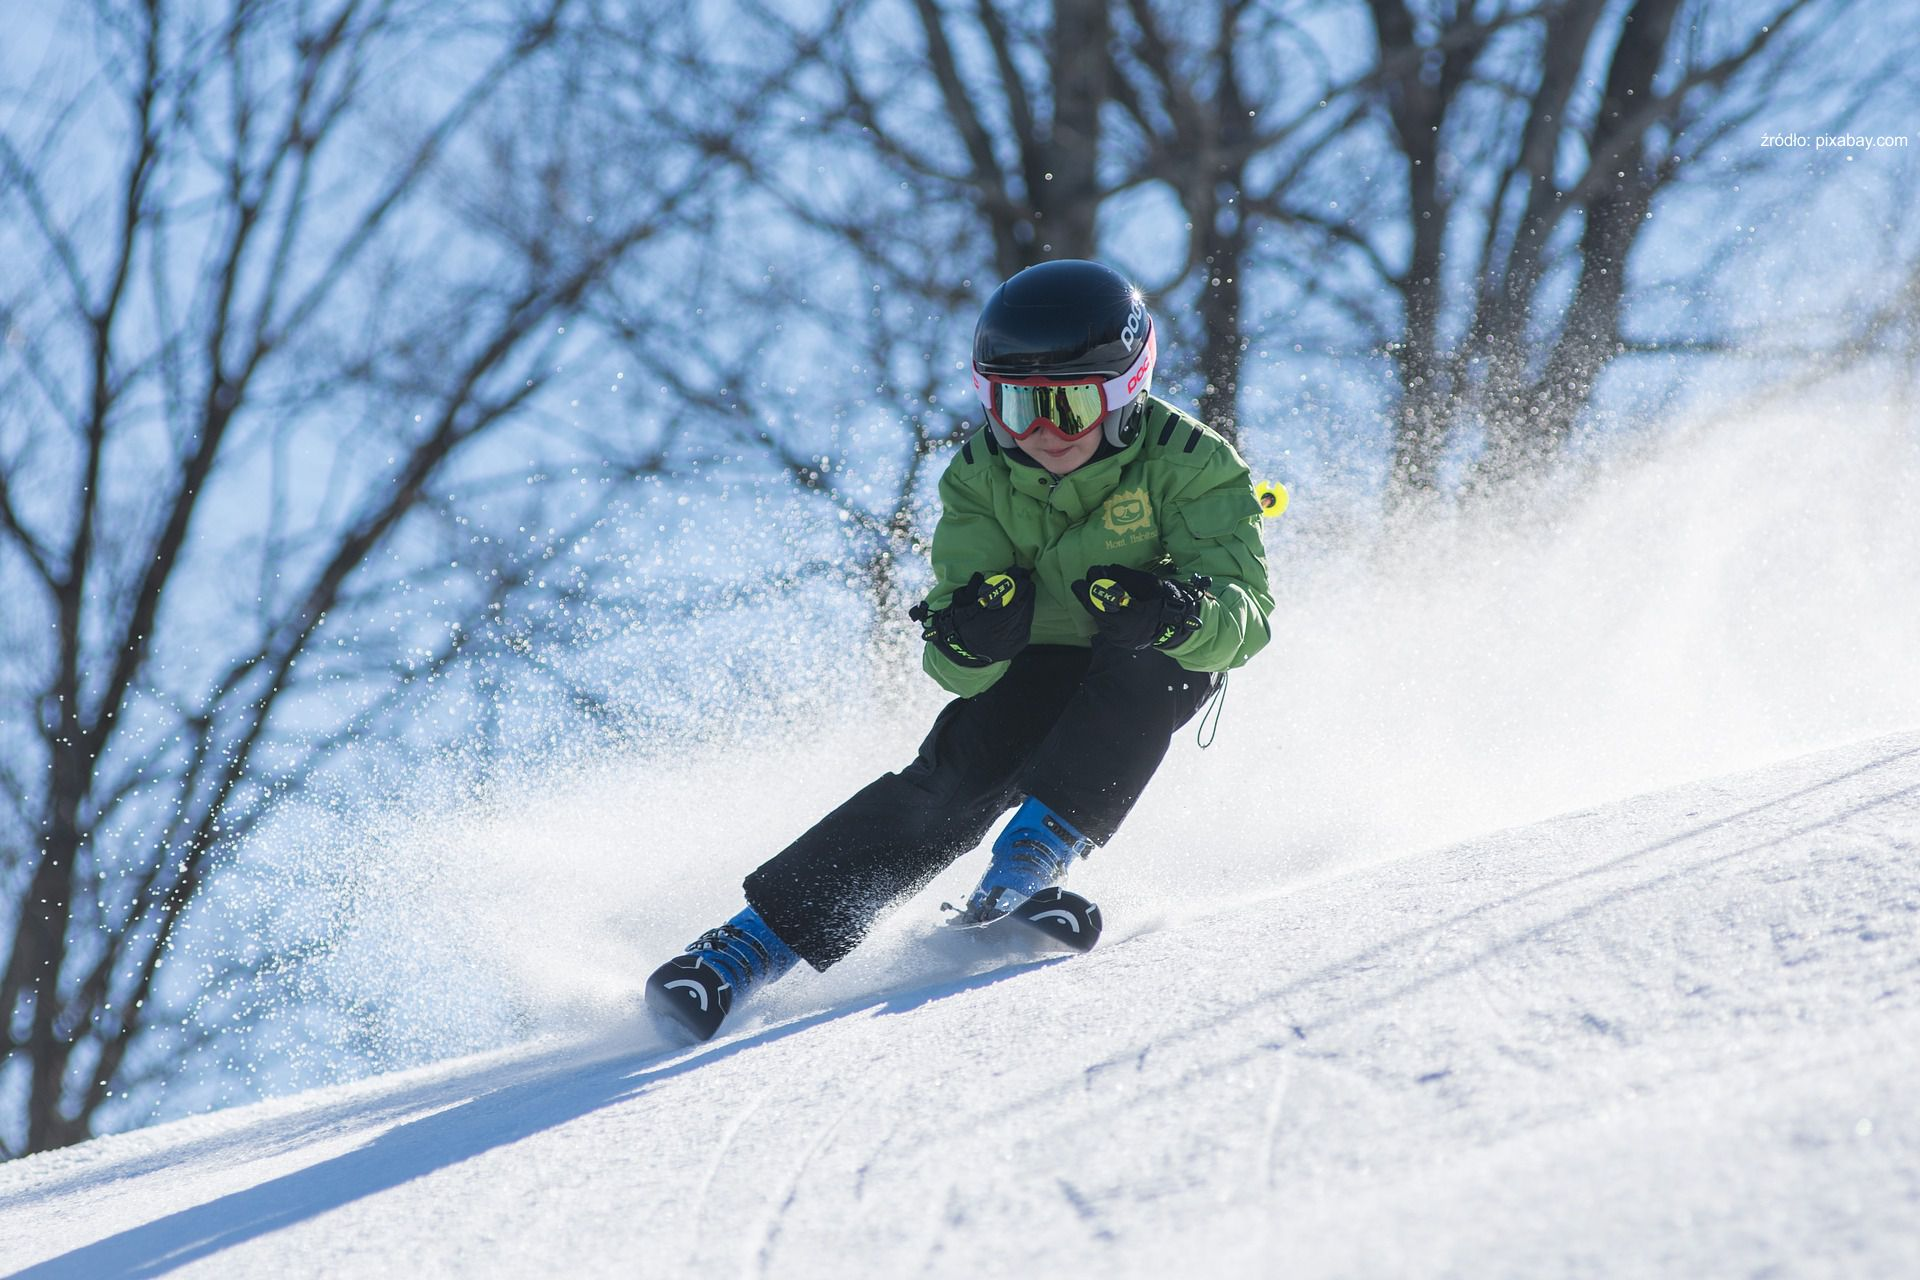 Ski-tenis